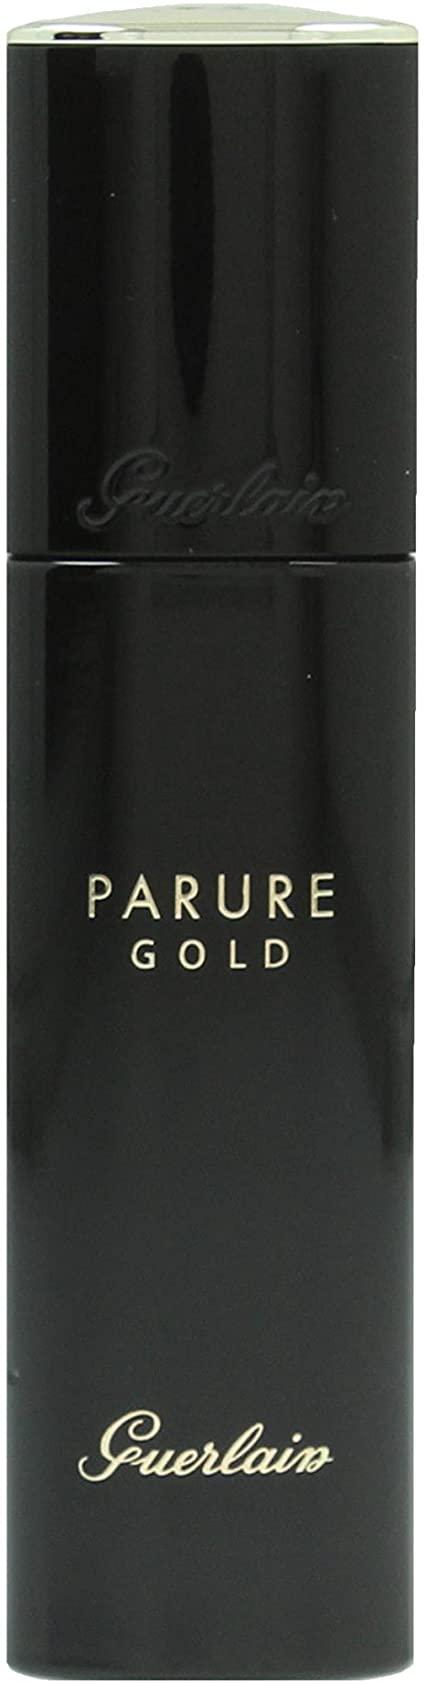 Guerlain Parure Gold Fluid Foundation 30ml SPF30 01 Beige Pale